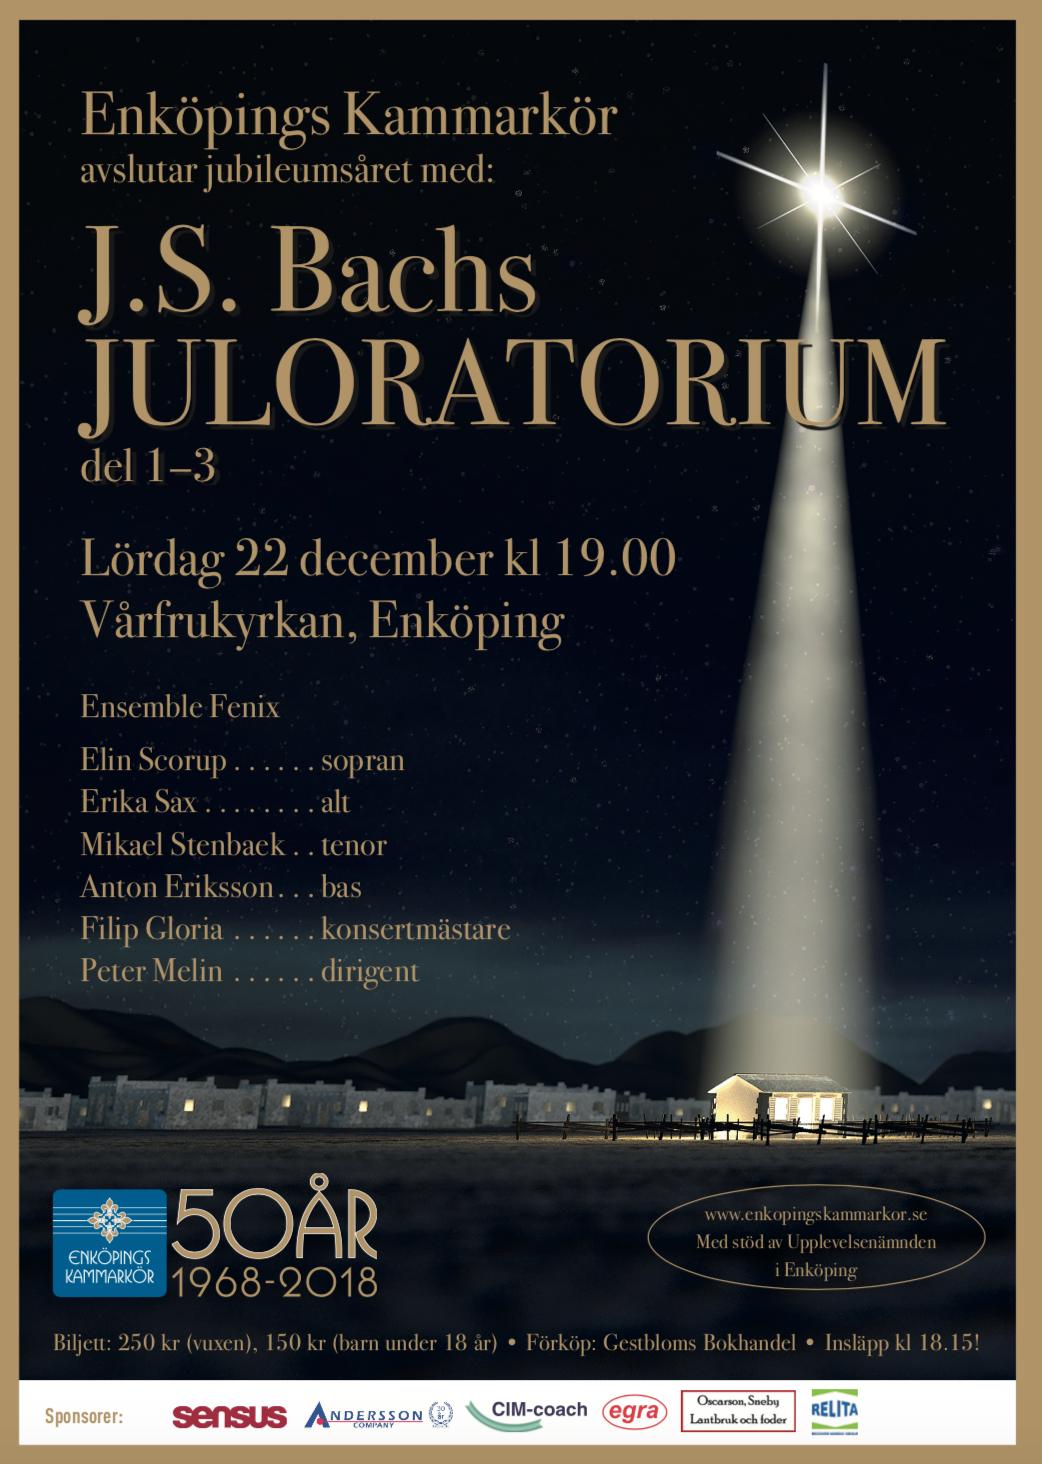 2018-affisch-jubileumskonsert-4-bachs-juloratorium-med-enkopings-kammarkor